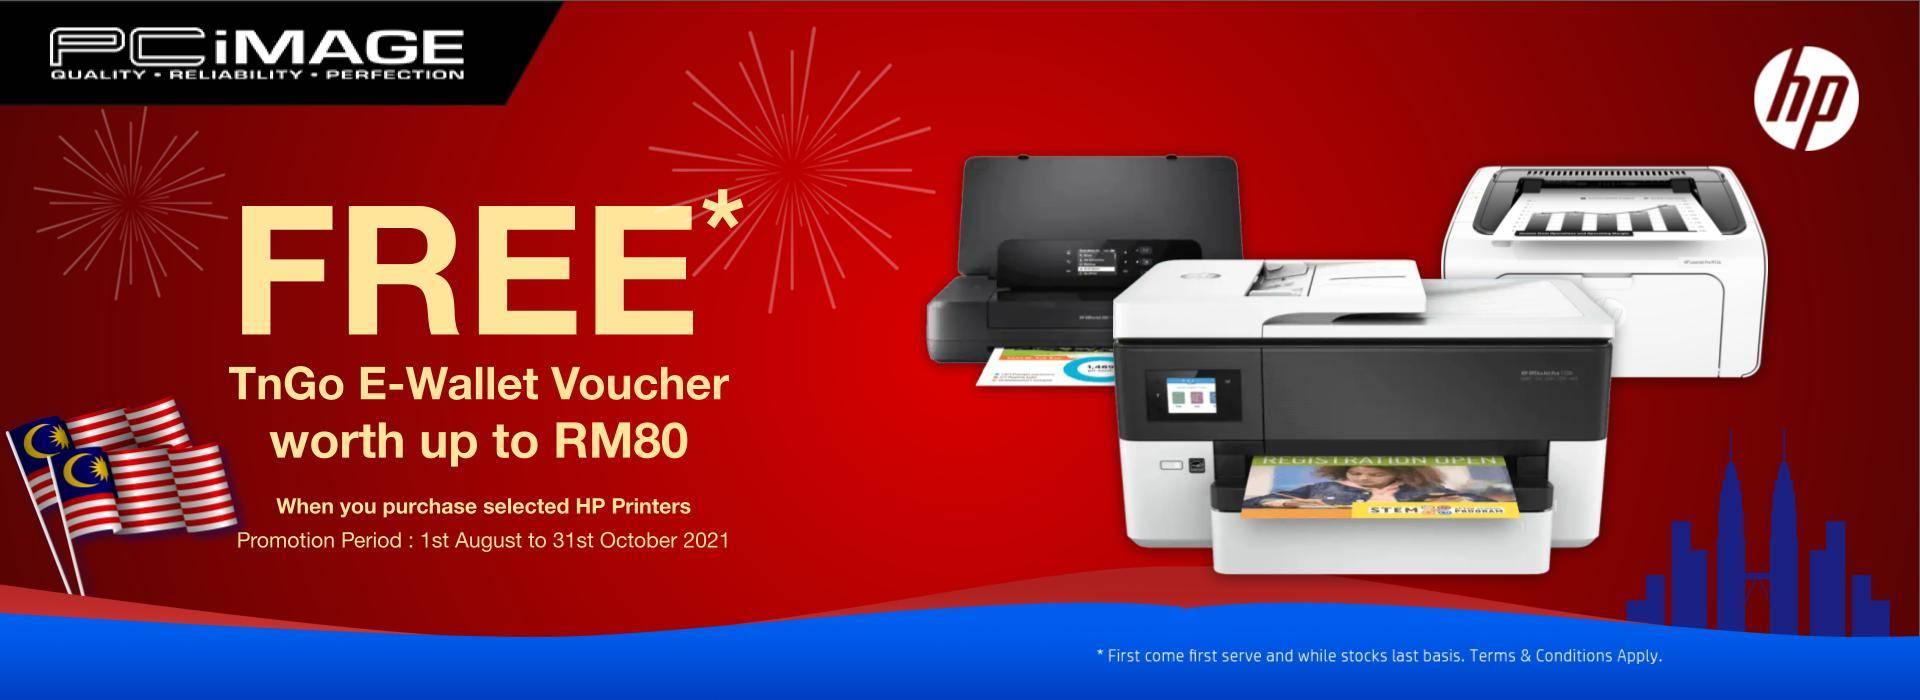 HP Print Reward 31 Oct